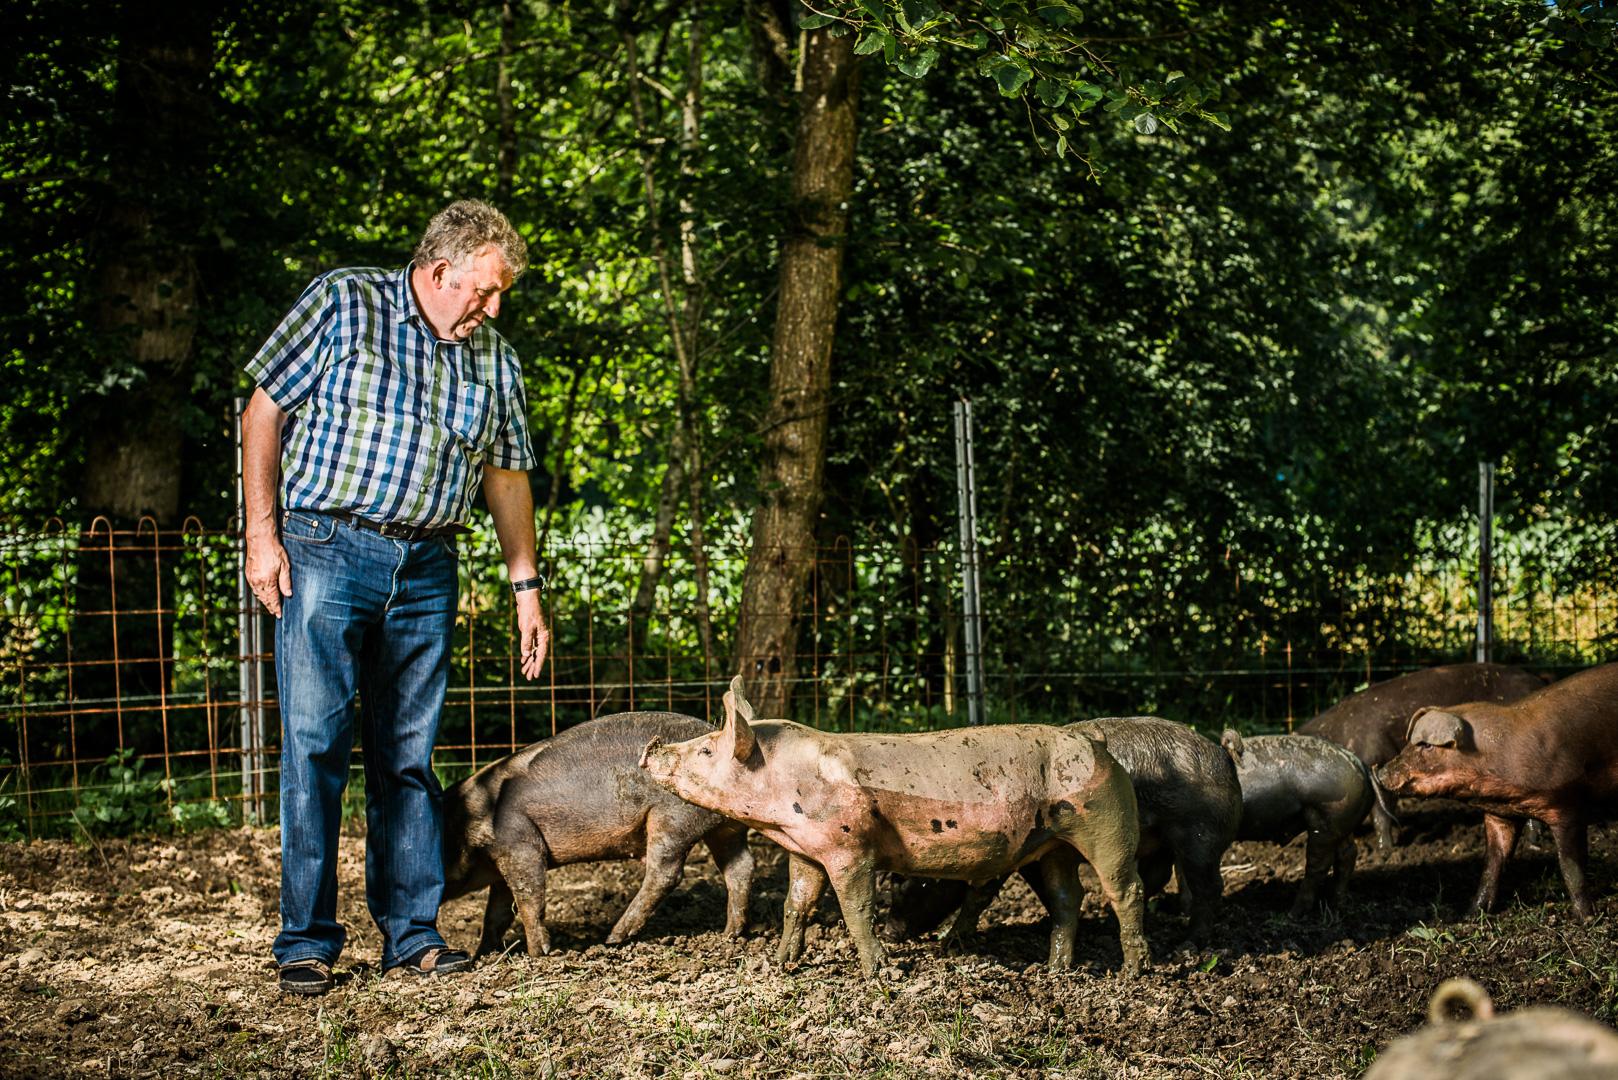 waldschweine_schneeberger_c-mavric-12790